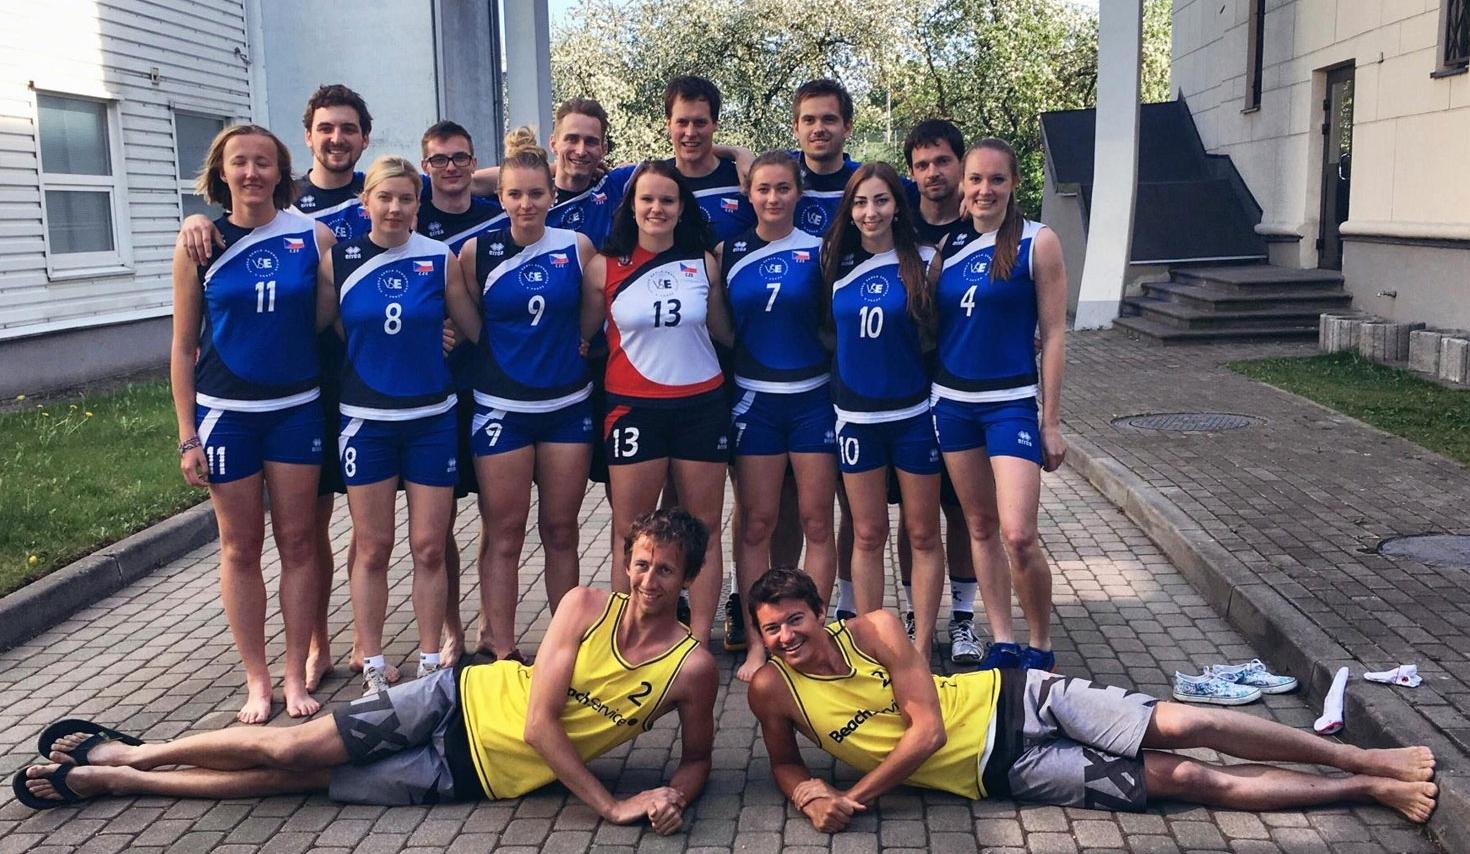 Volejbalová reprezentace v Rize. Stříbro přivezli beachvolejbalisté